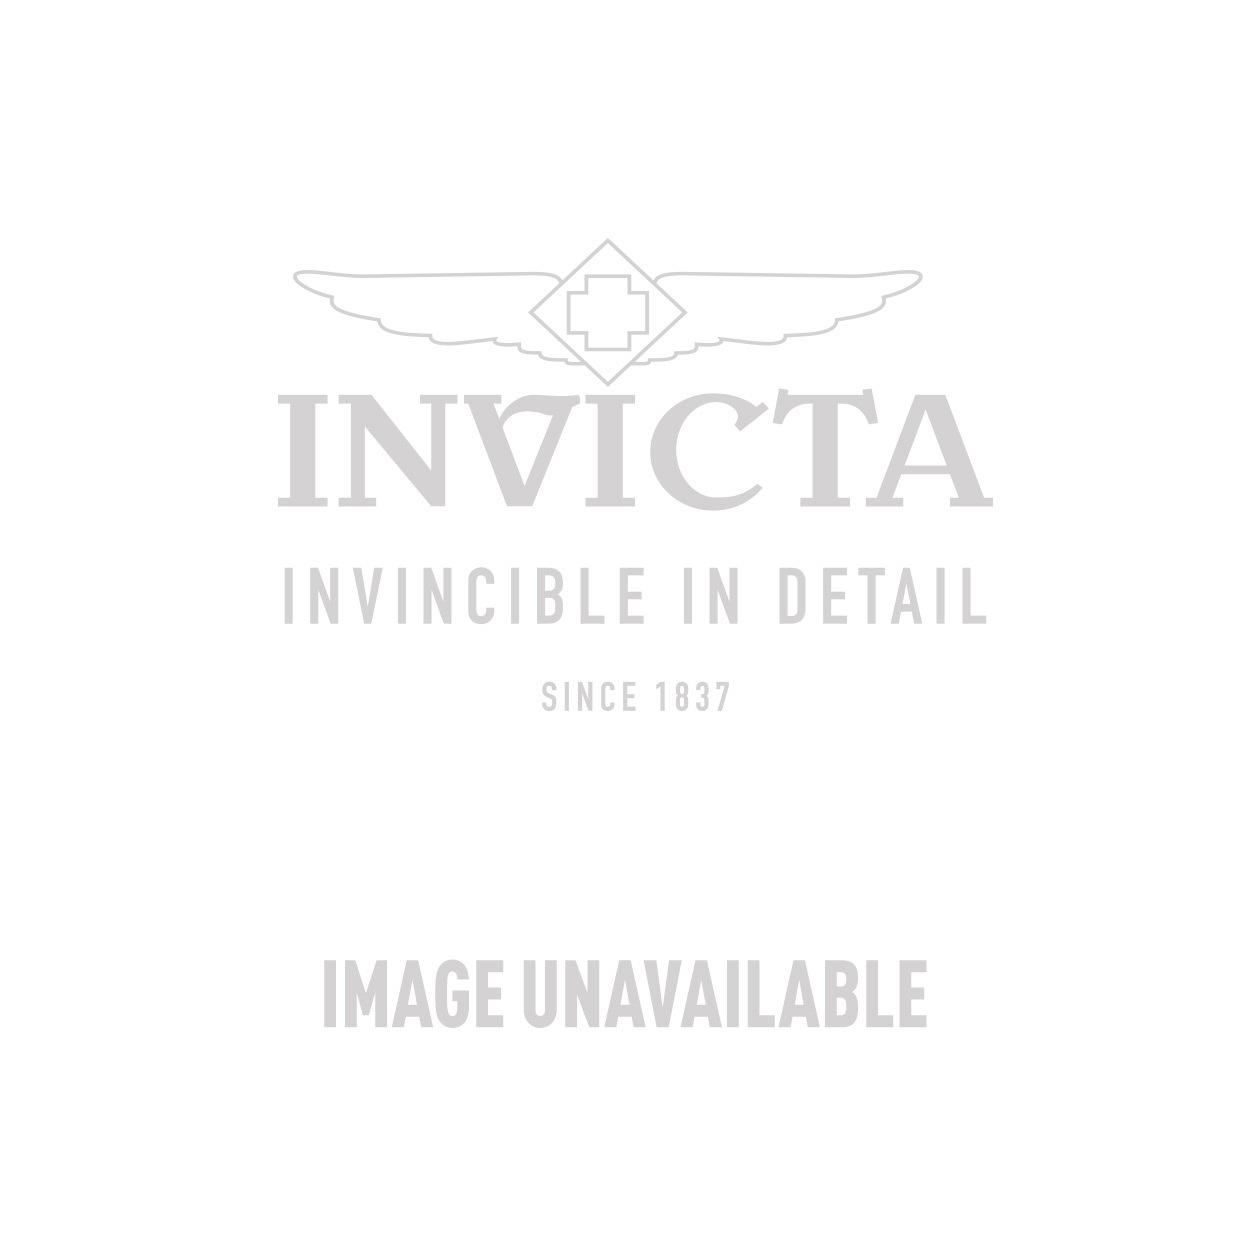 Invicta Model 28942